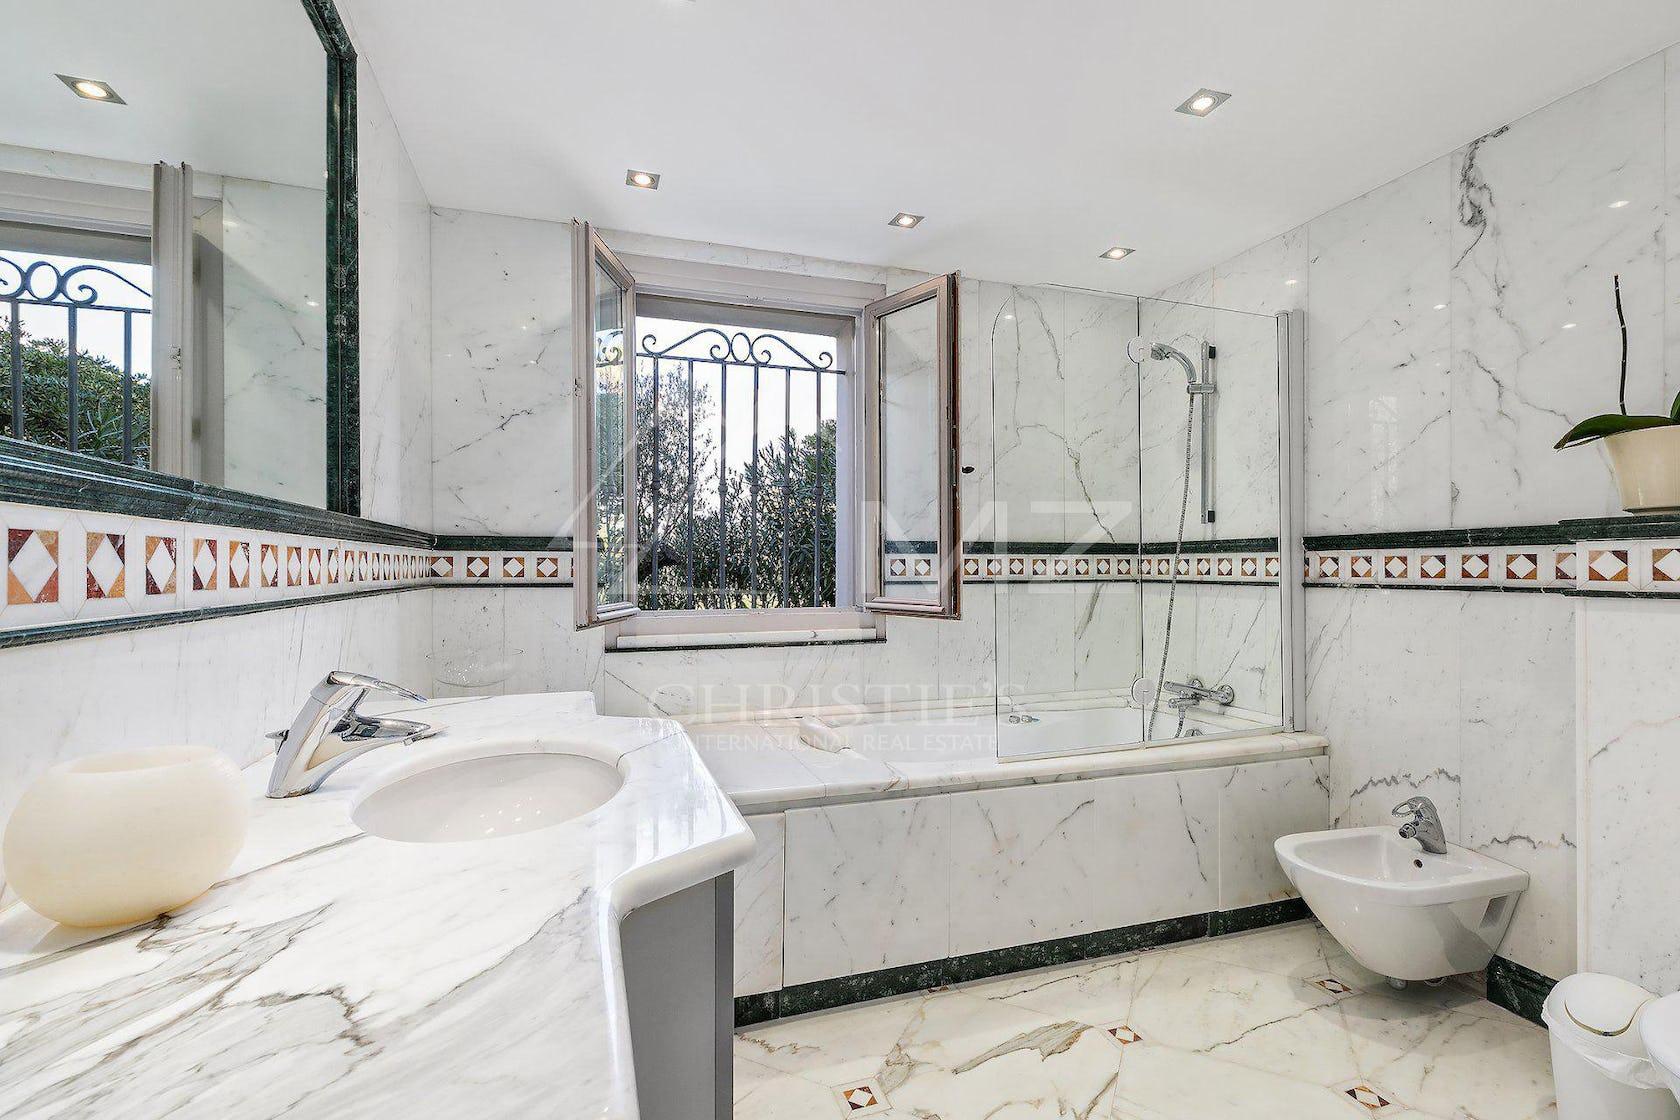 tub bathtub room indoors interior design bathroom